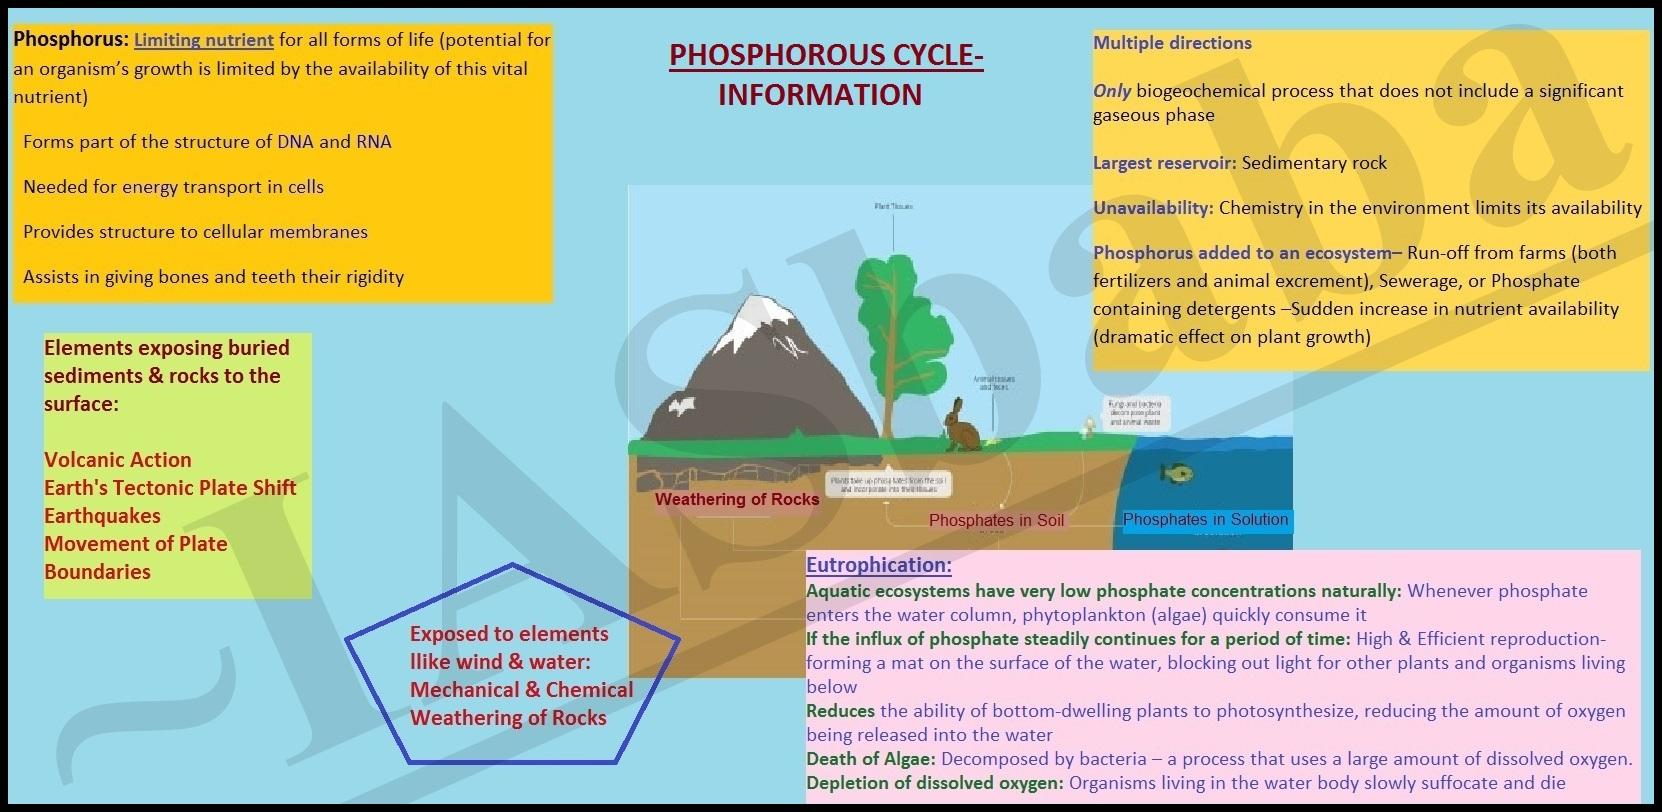 Phosphorous Cycle Info